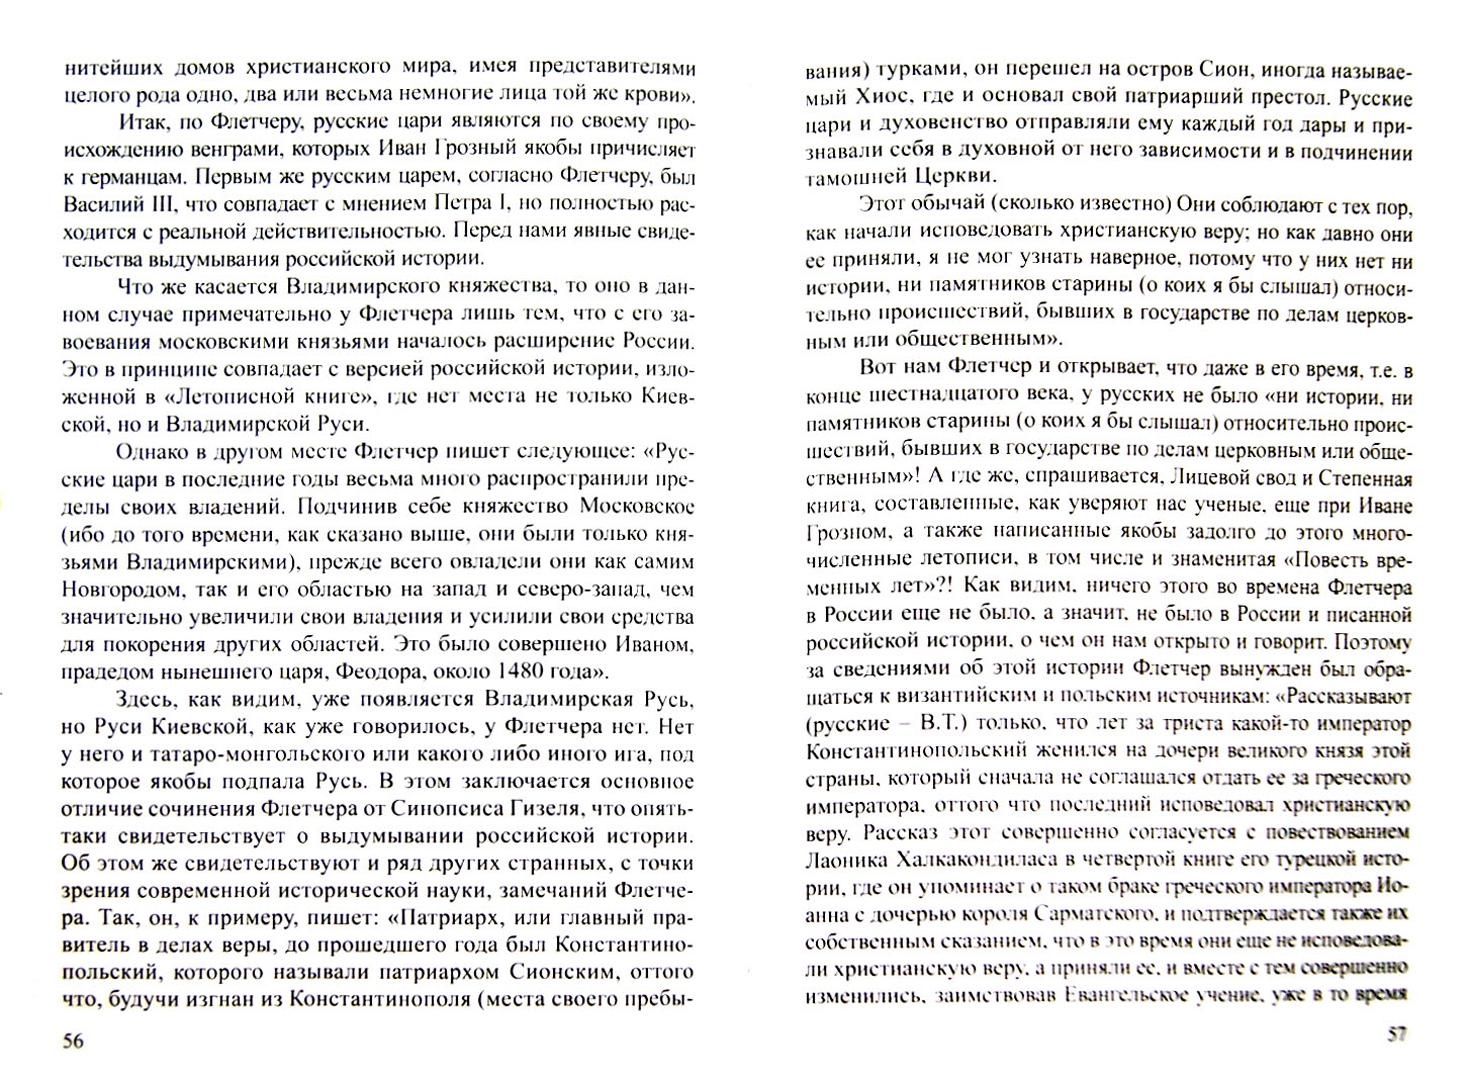 Иллюстрация 1 из 16 для Иван Грозный, или величайшая фальсификация российской истории. Книга 2 - Василий Танасенко   Лабиринт - книги. Источник: Лабиринт